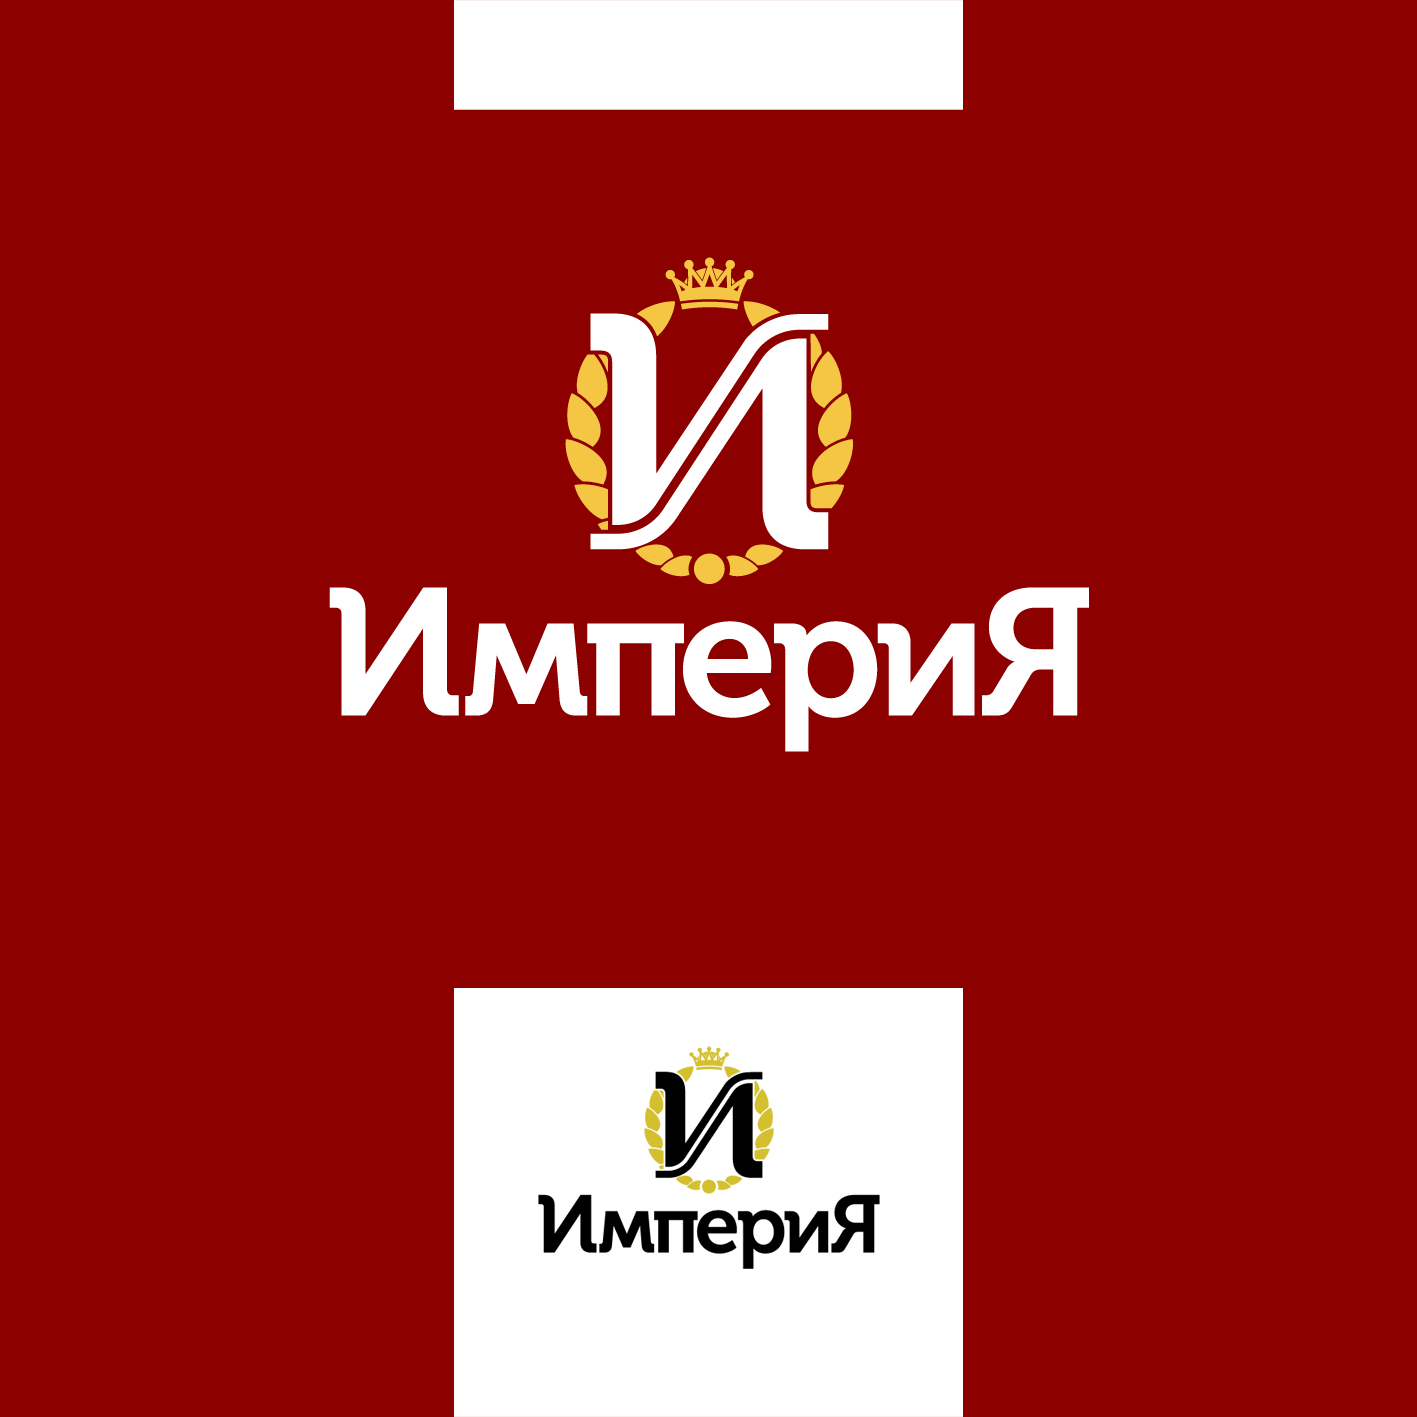 Разработать логотип для нового бренда фото f_26359e0c315b45ac.png